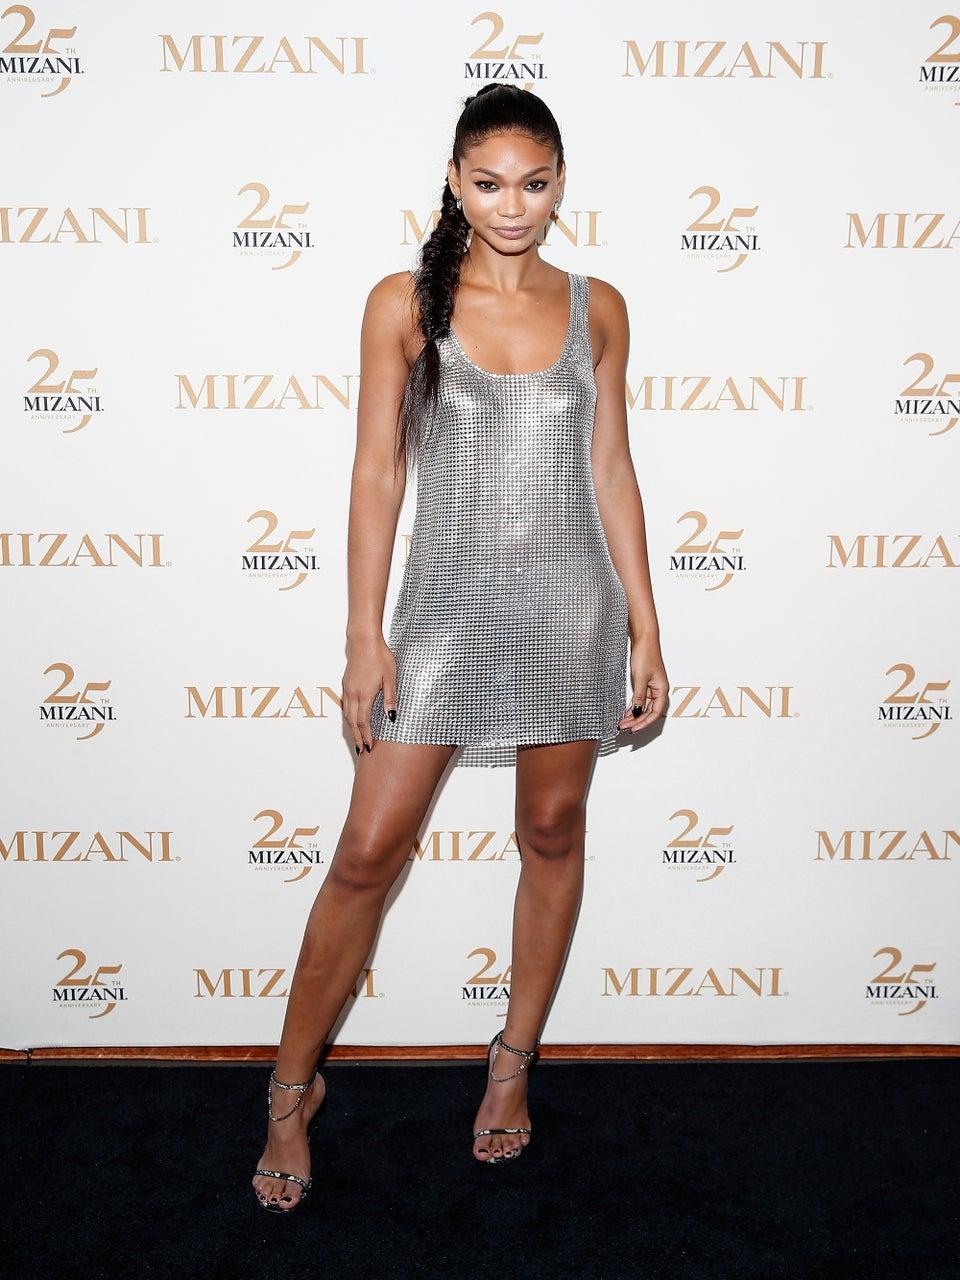 Chanel Iman Stuns in Fierce Slinky Metallic Dress